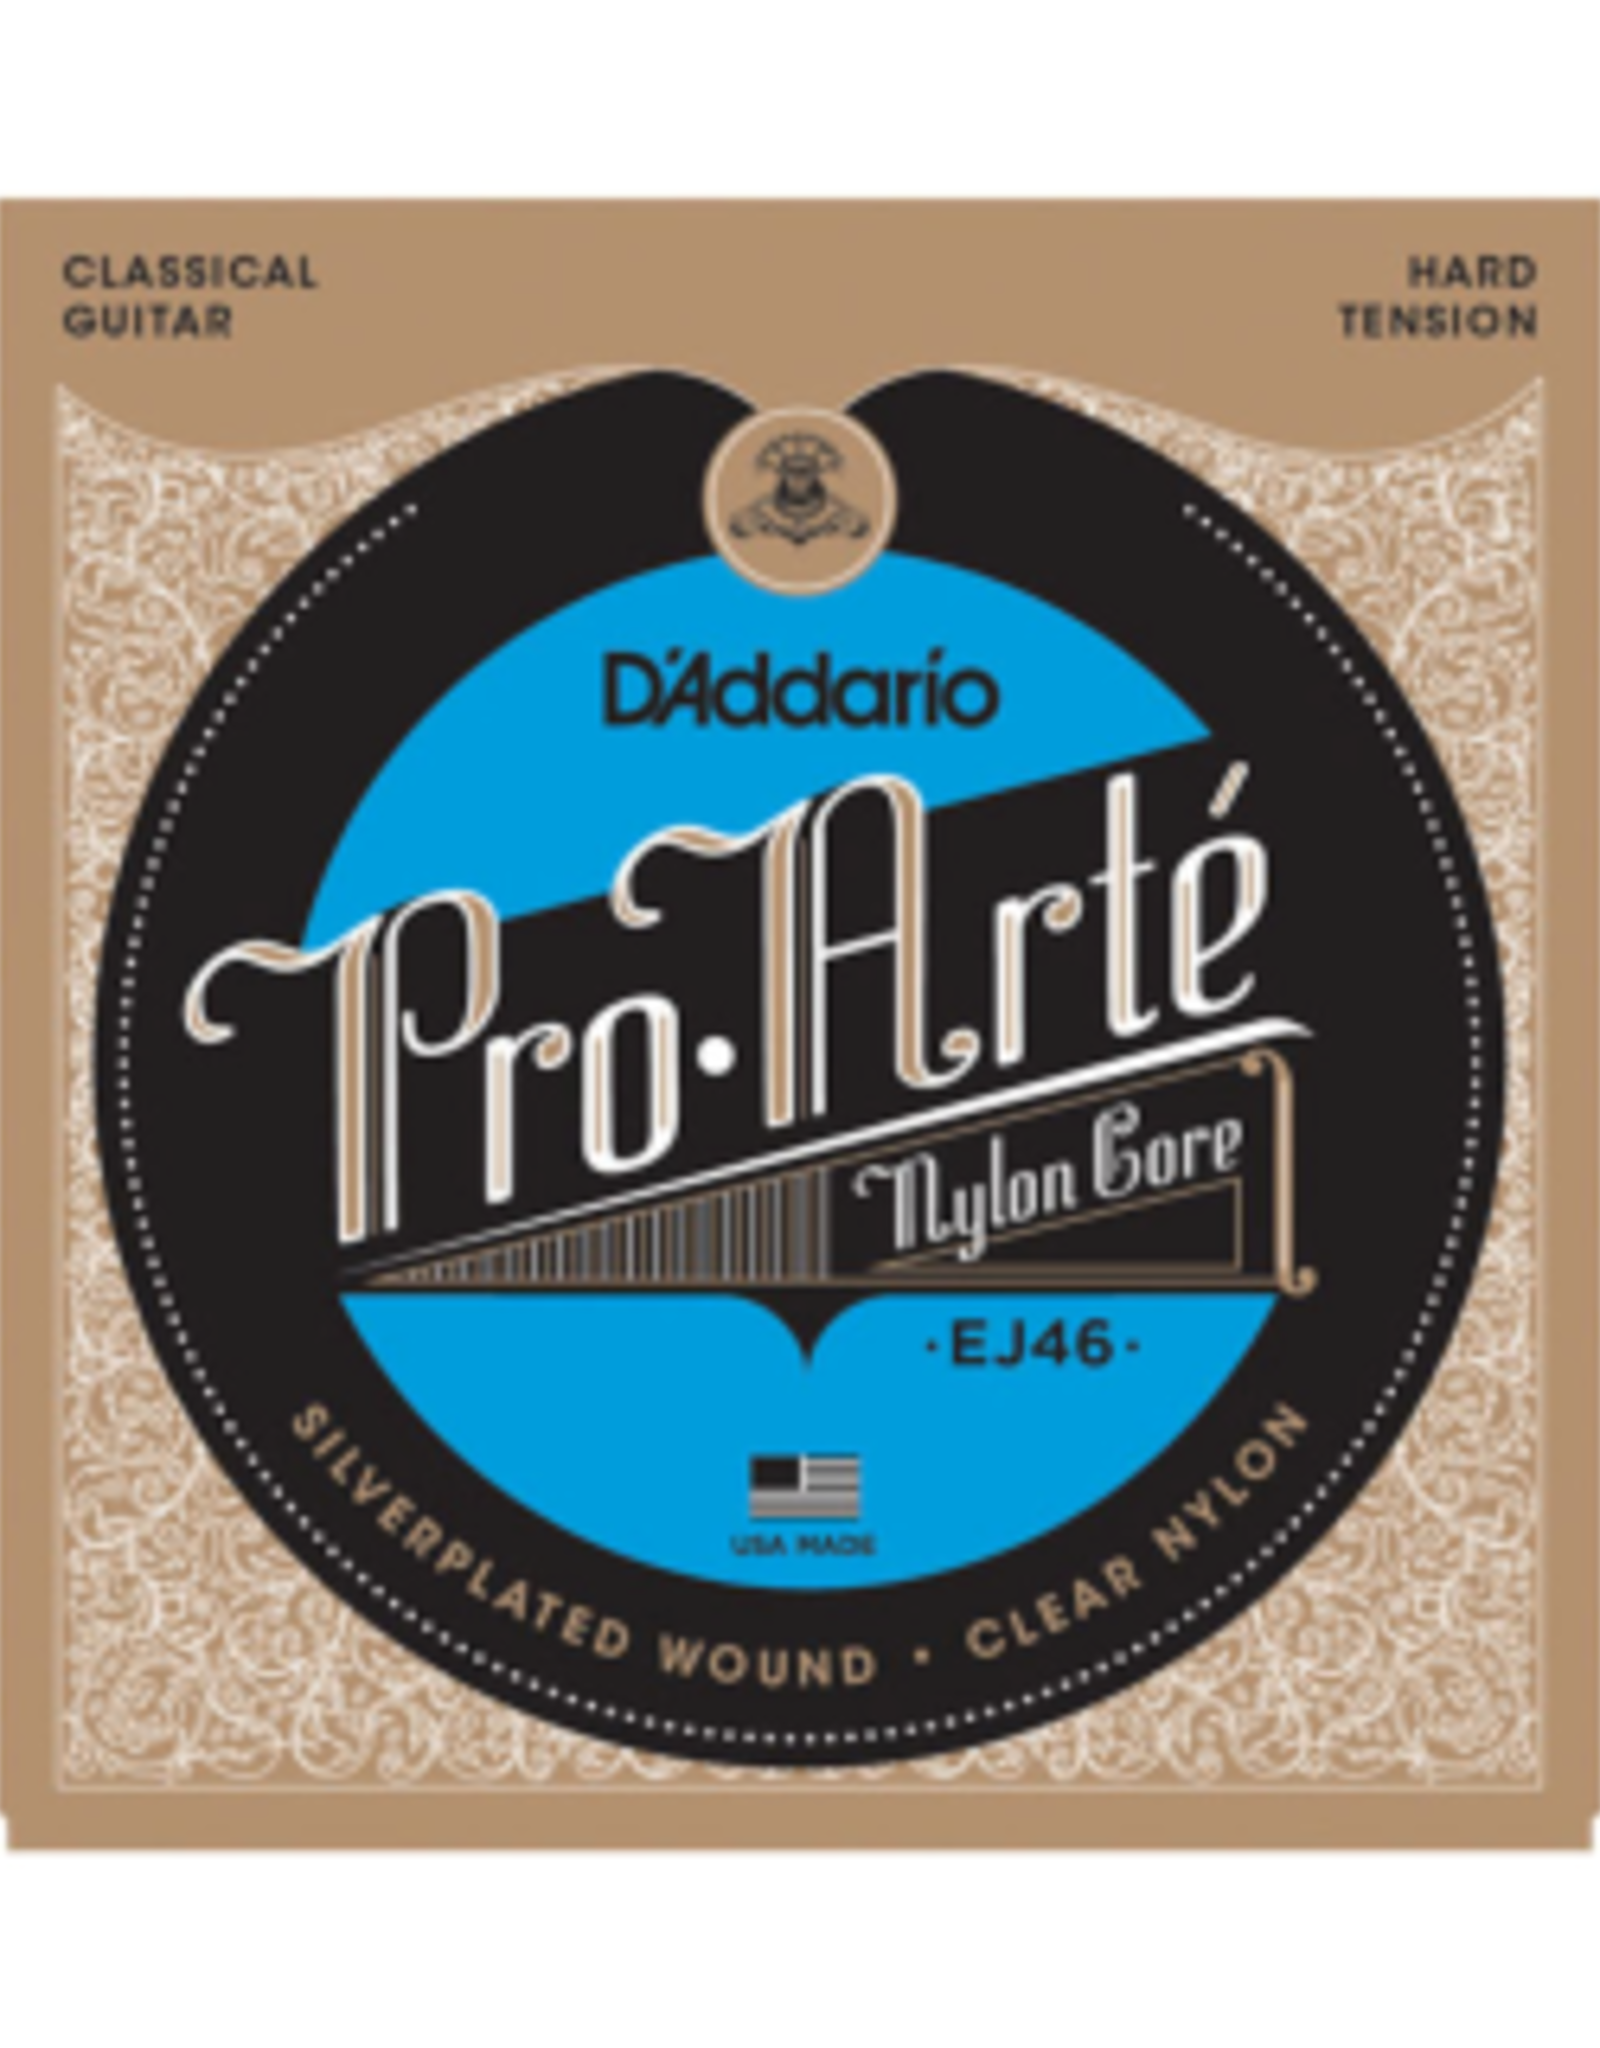 D'ADDARIO Pro Arte snarenset voor klassieke gitaar, hard